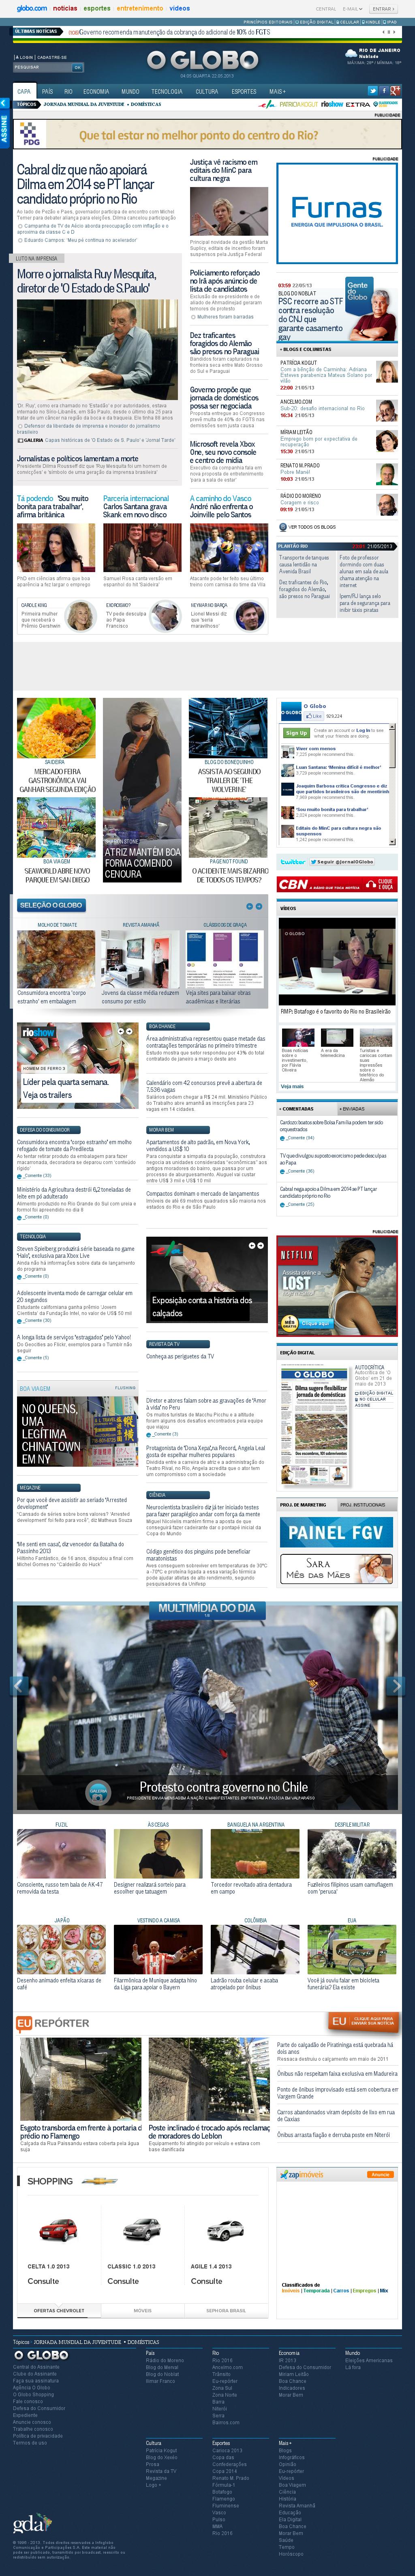 O Globo at Wednesday May 22, 2013, 7:07 a.m. UTC